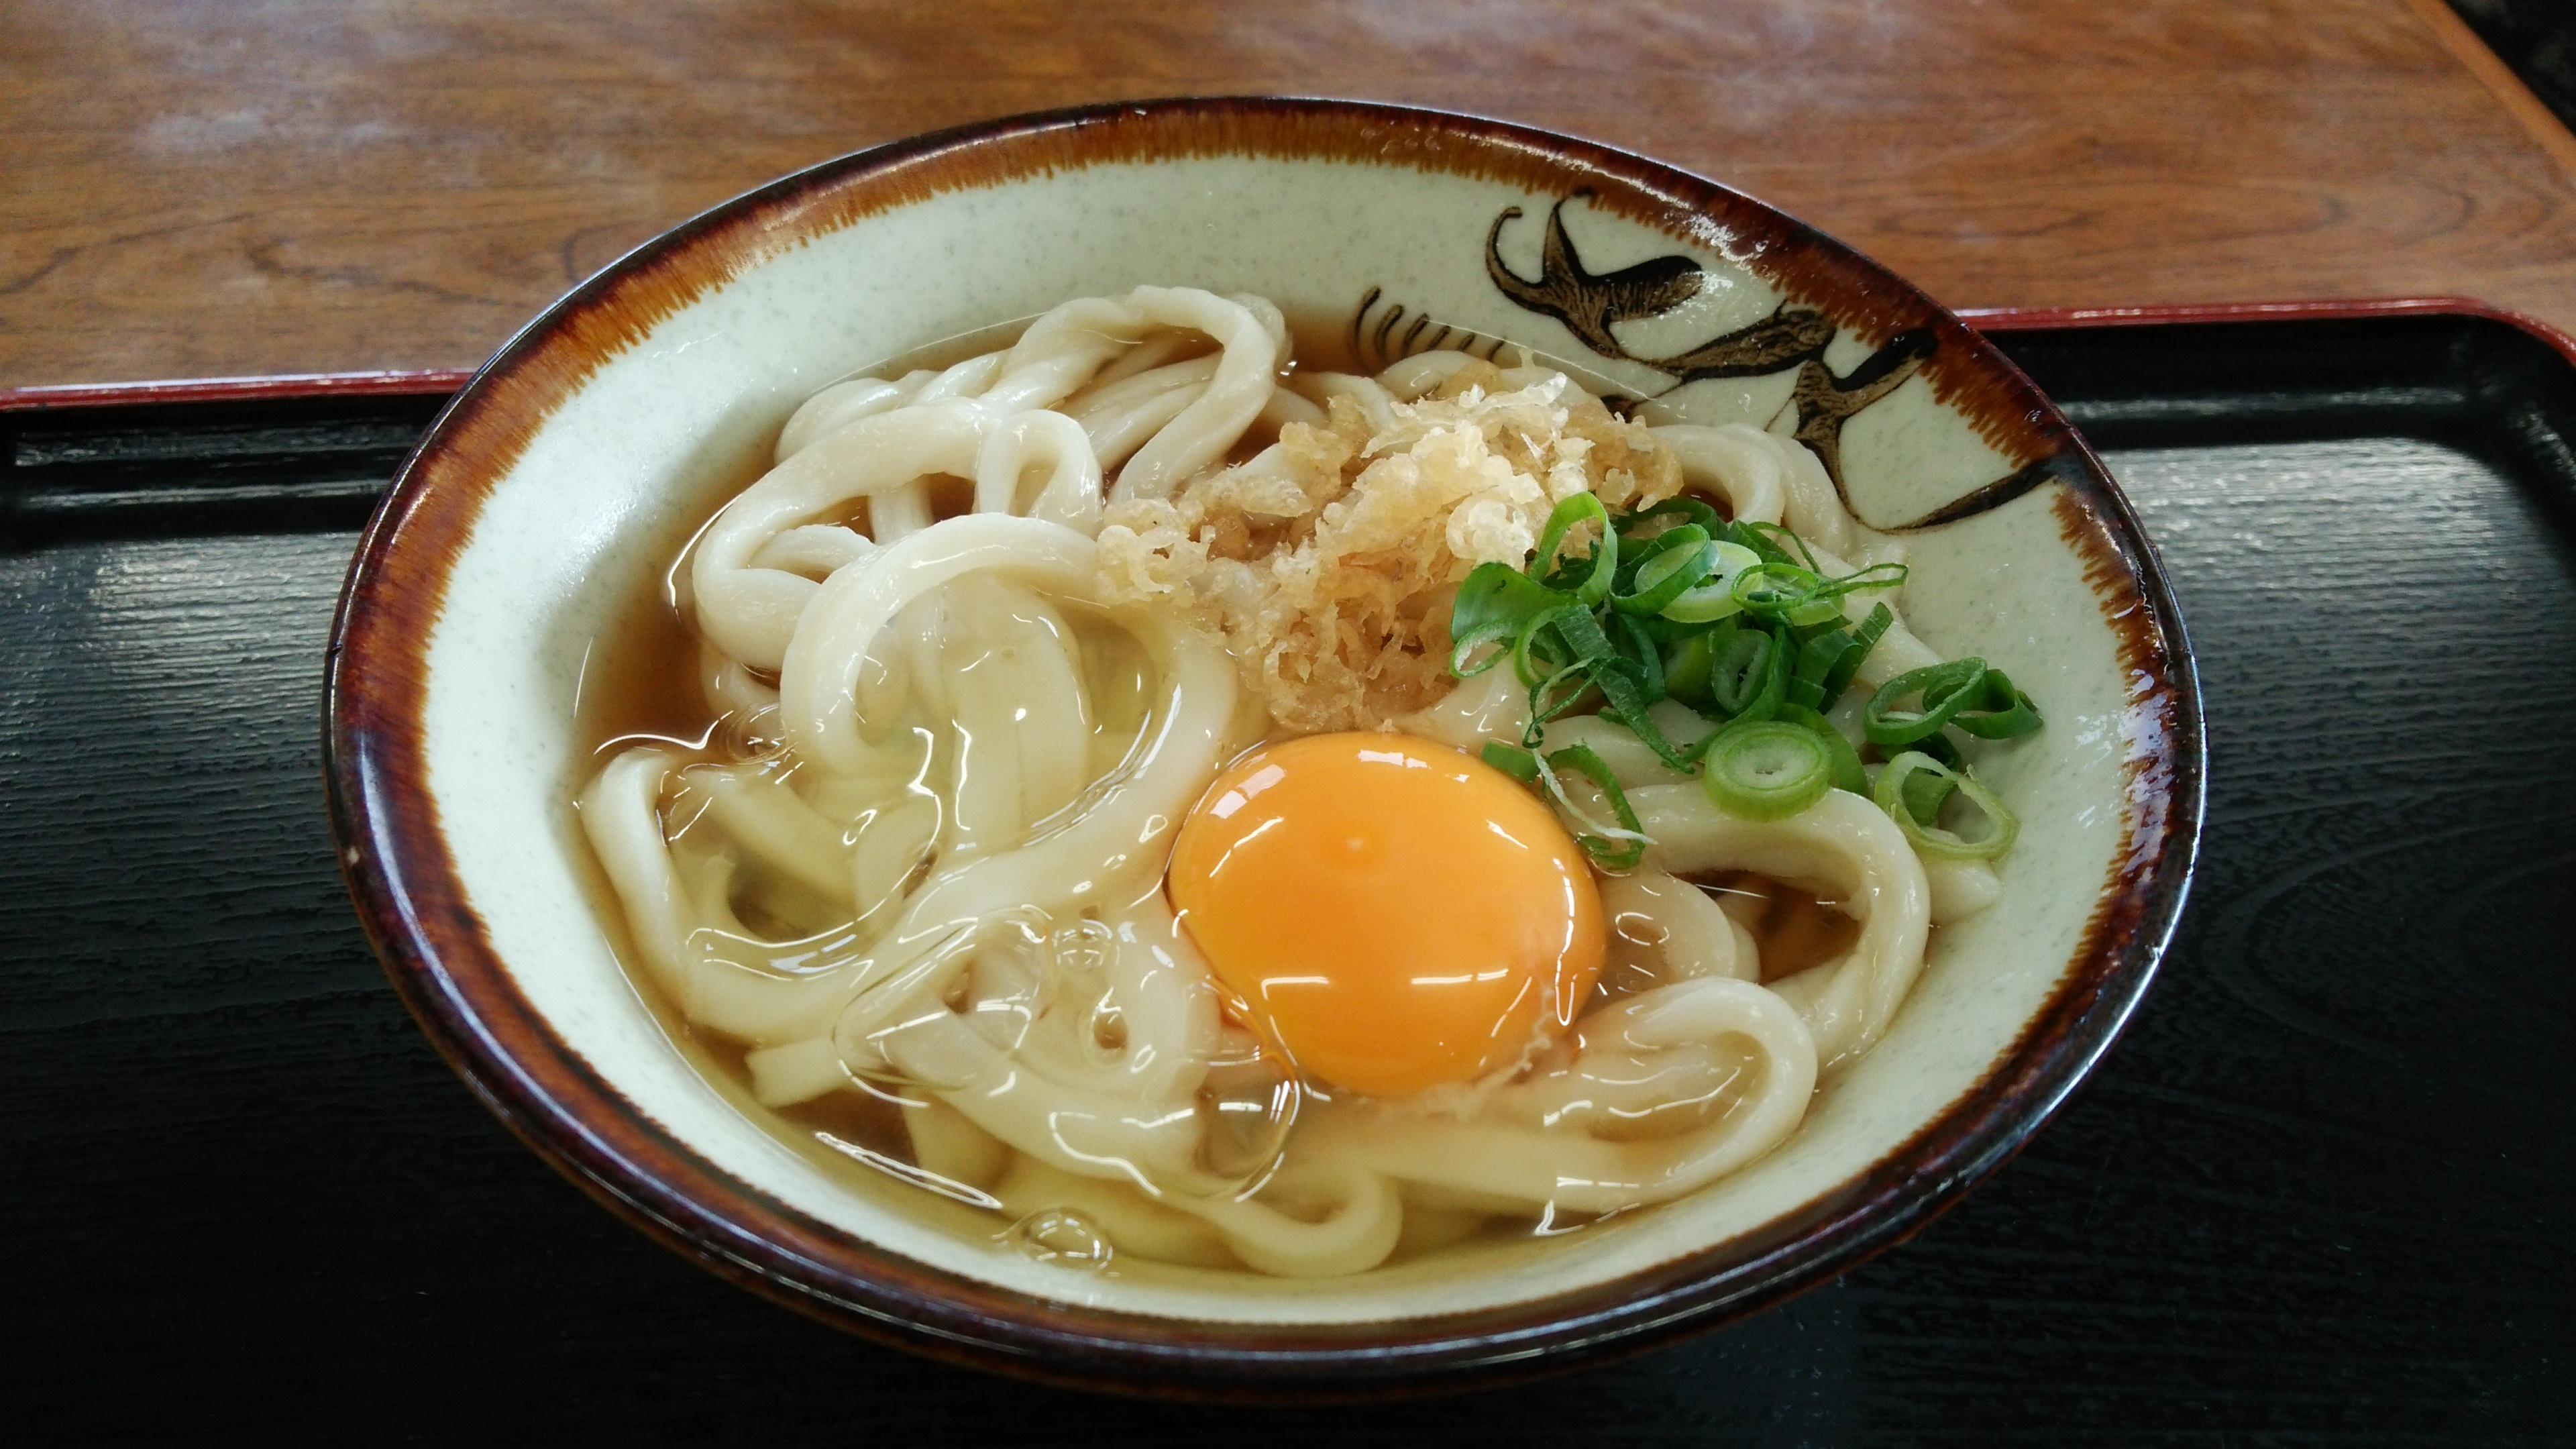 がもううどんは香川の名店!行列に並んででも食べたいおすすめメニューは?